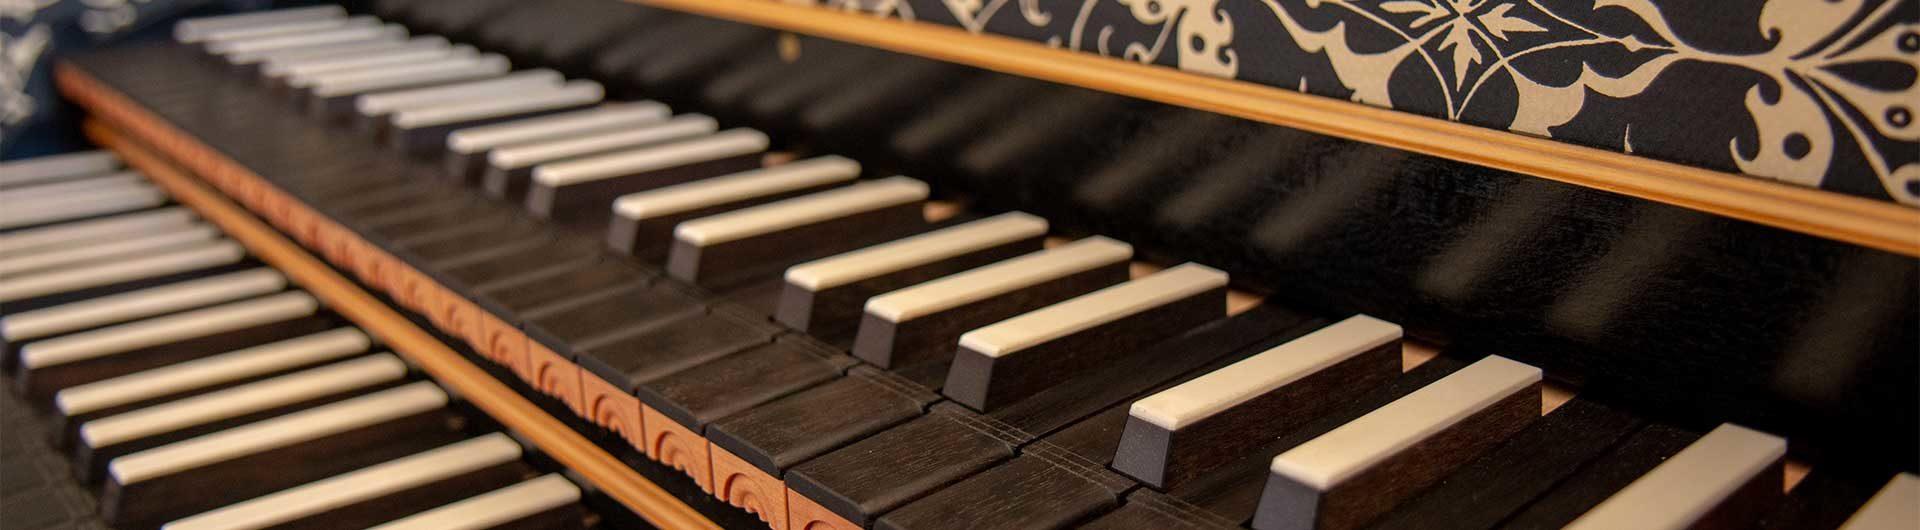 Keyboard of harpsichord by Matthias Griewisch (after Ioannes Ruckers) © Matthew Gardner